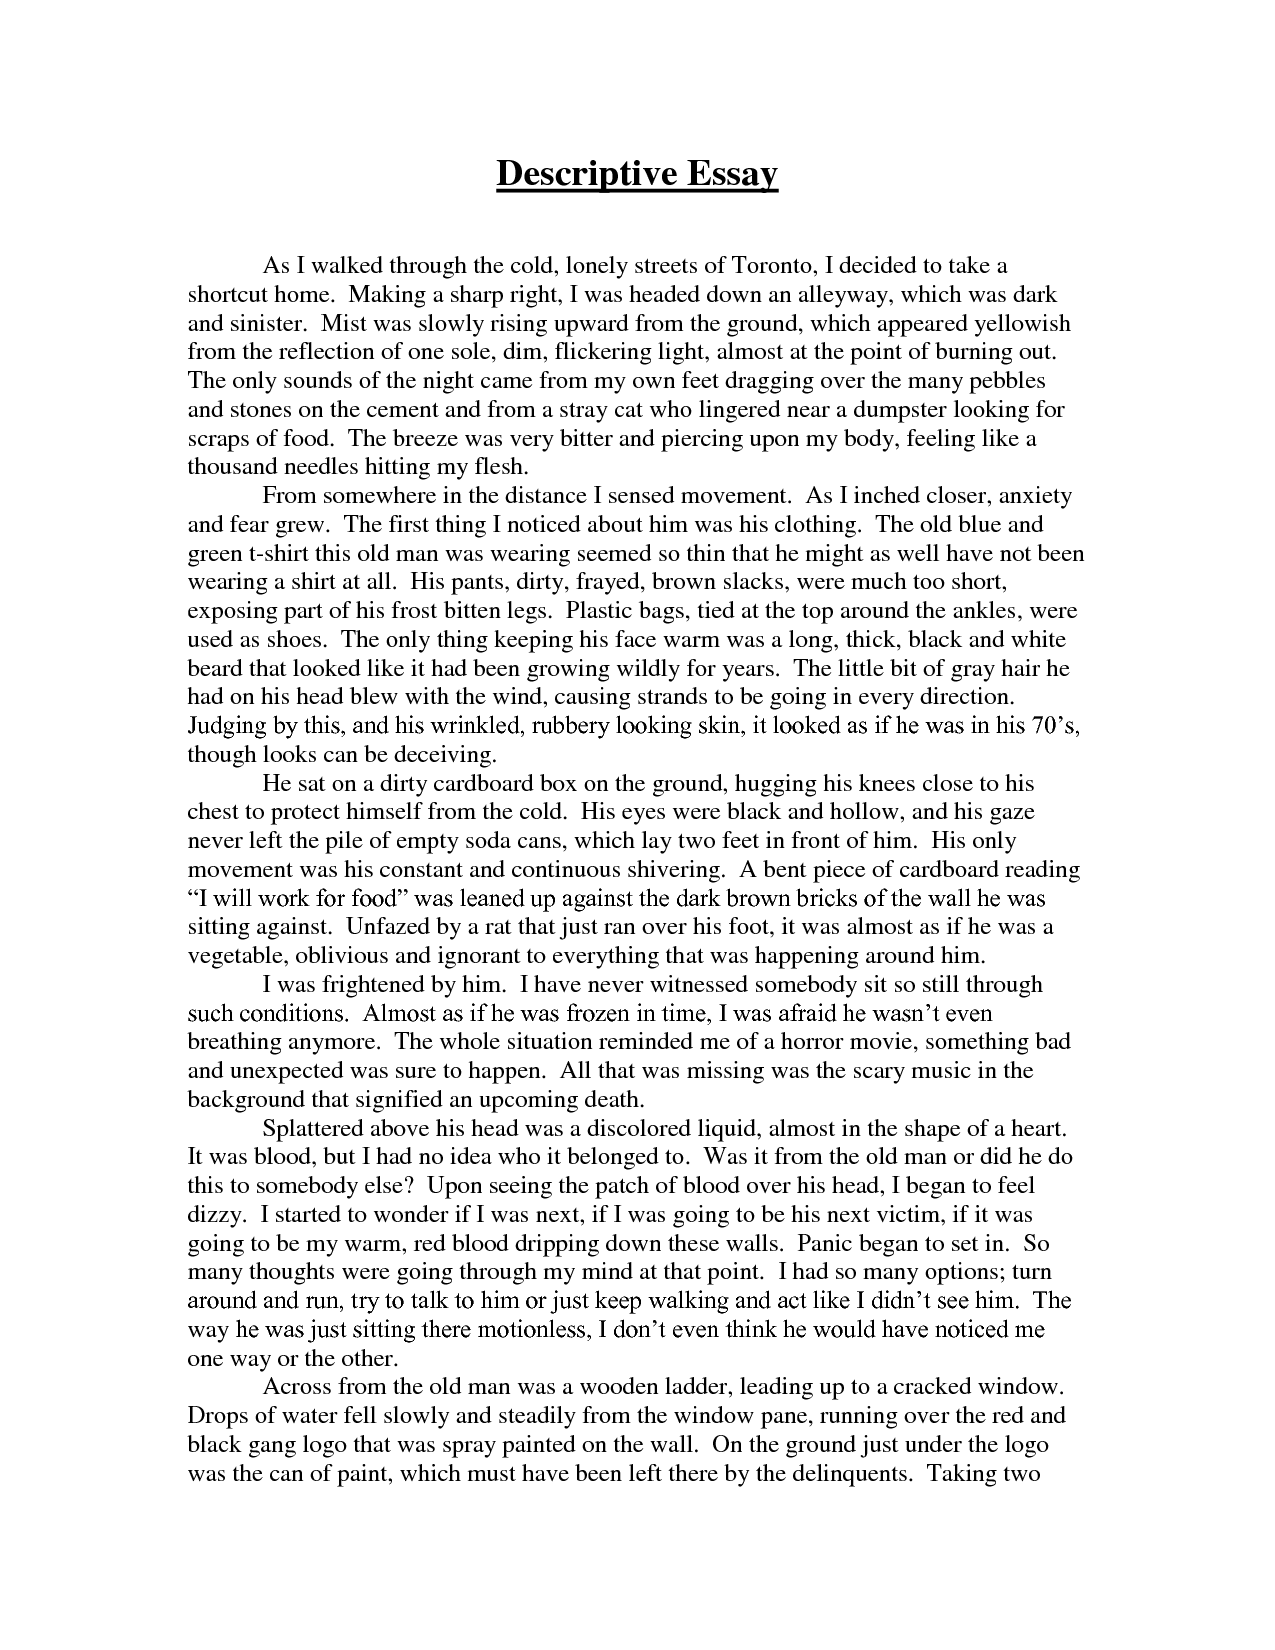 Poetic justice diana appleyard essay